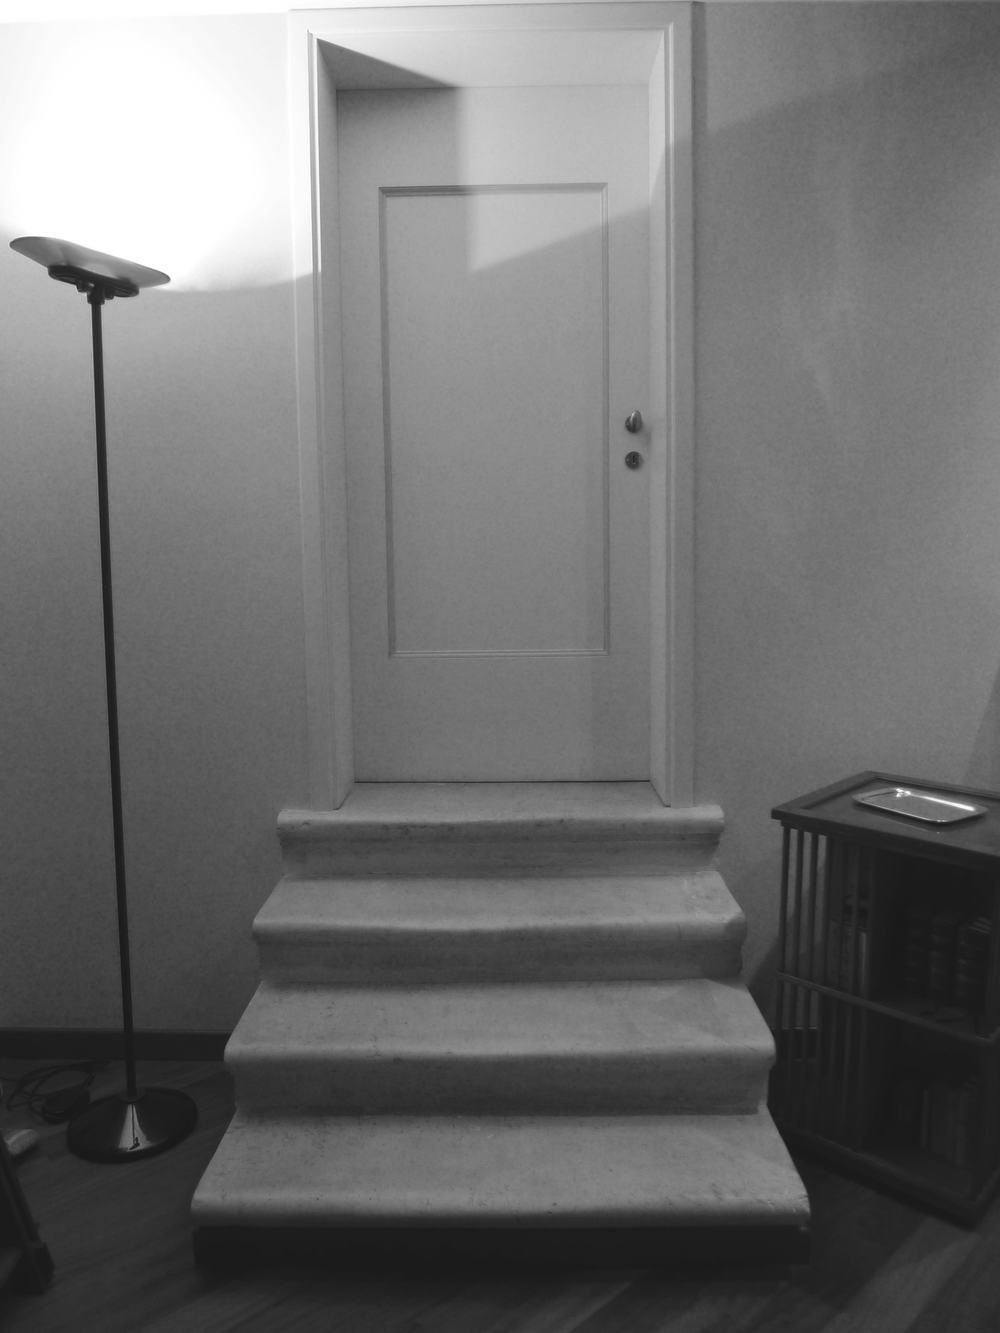 Accesso alla camera - Prima dell'intervento di ristrutturazione e restyling - Venezia